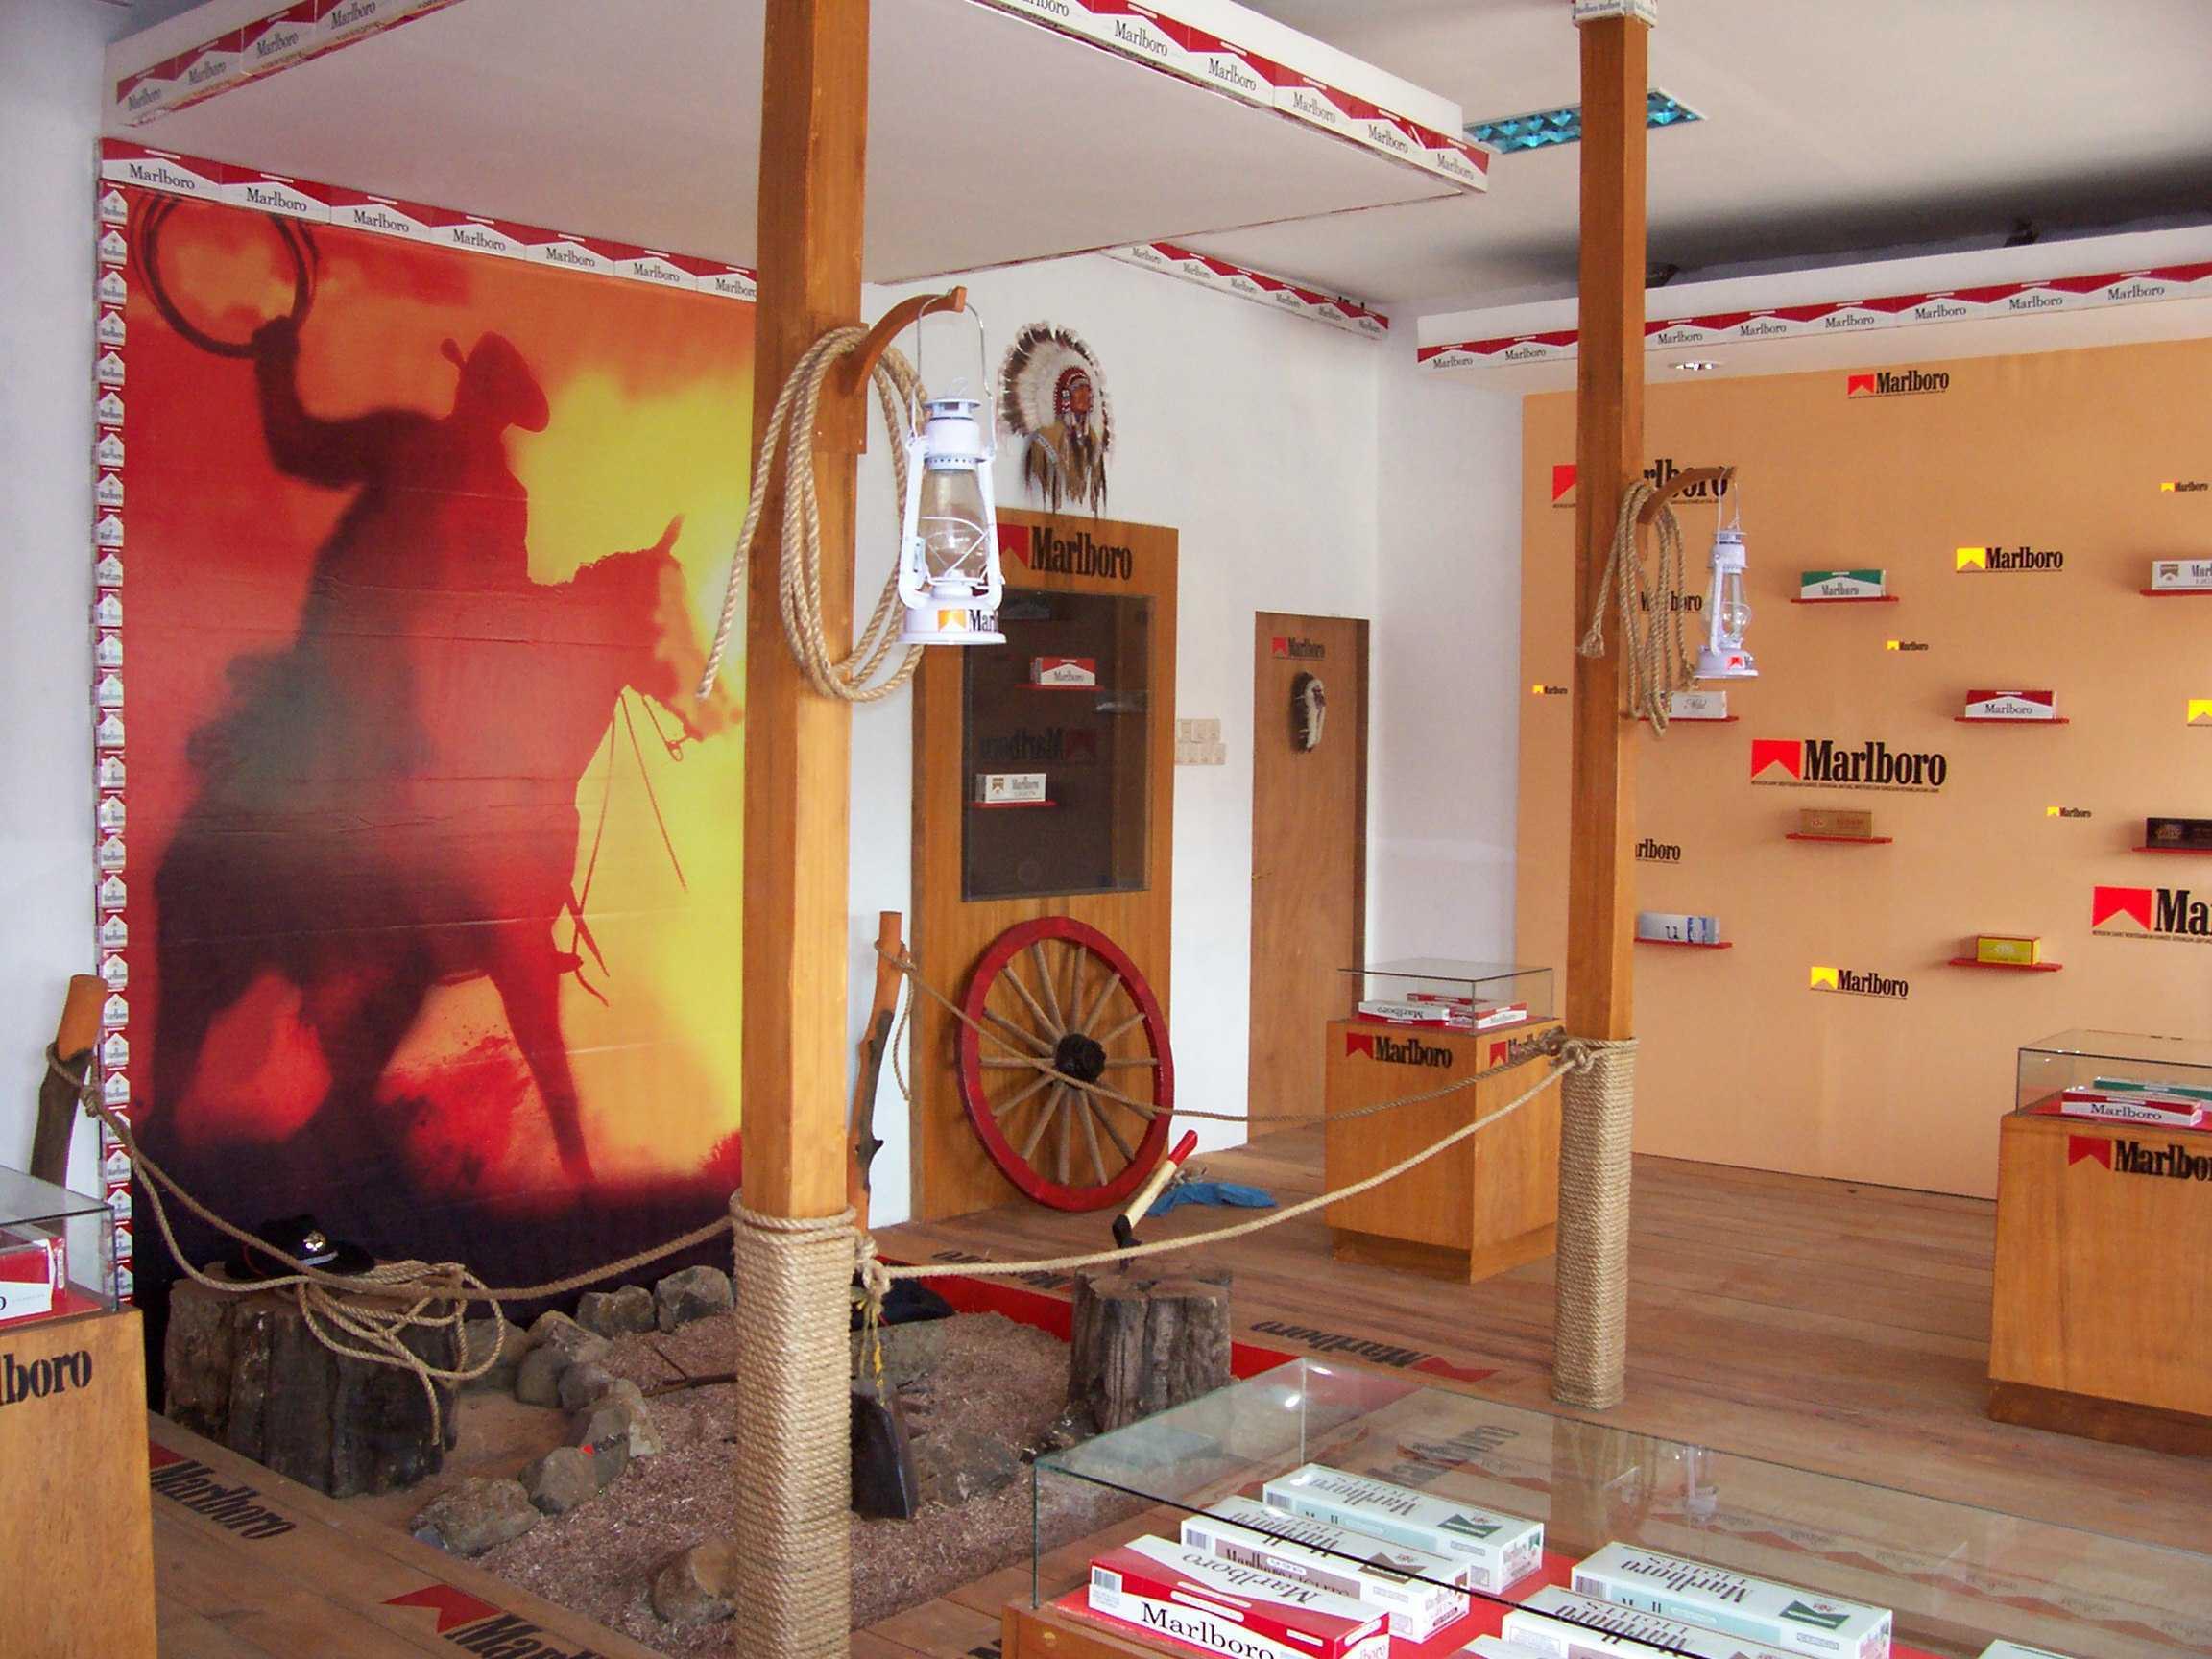 Canvas Mkc Marlboro Outlet-Subang Subang - Jawa Barat Subang - Jawa Barat Interior Industrial  21127